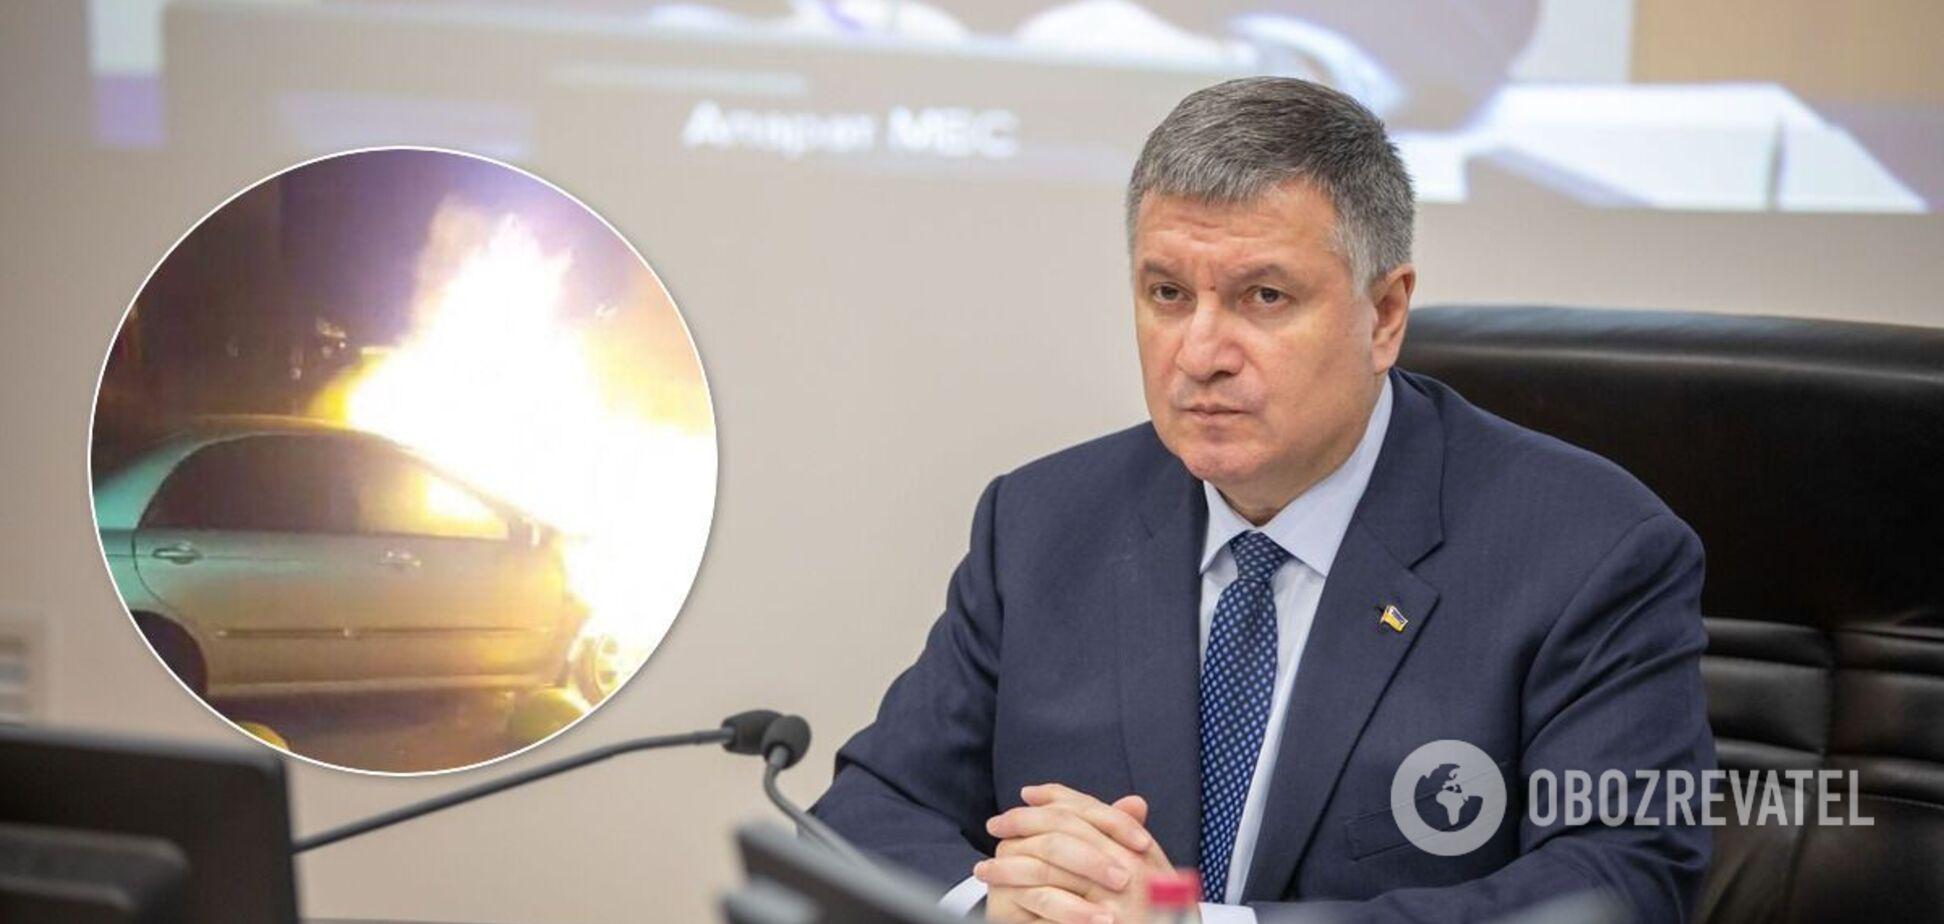 Аваков пообіцяв об'єктивне і відкрите розслідування підпалу